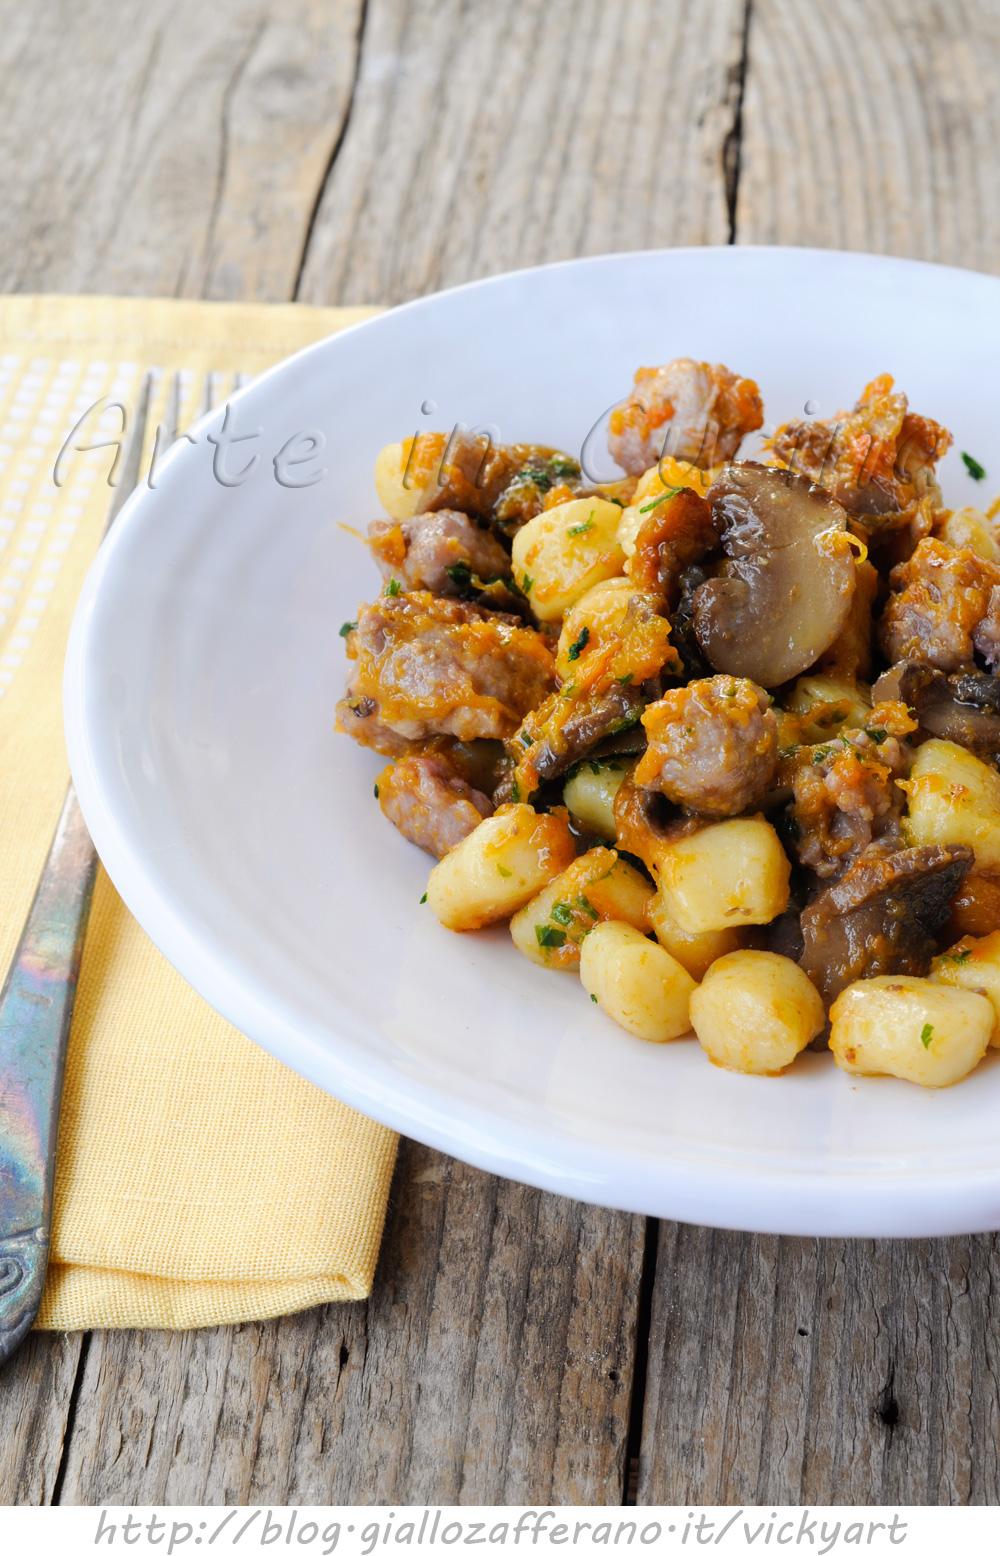 chicche-salsiccia-funghi-zucca-primo-piatto-facile-2